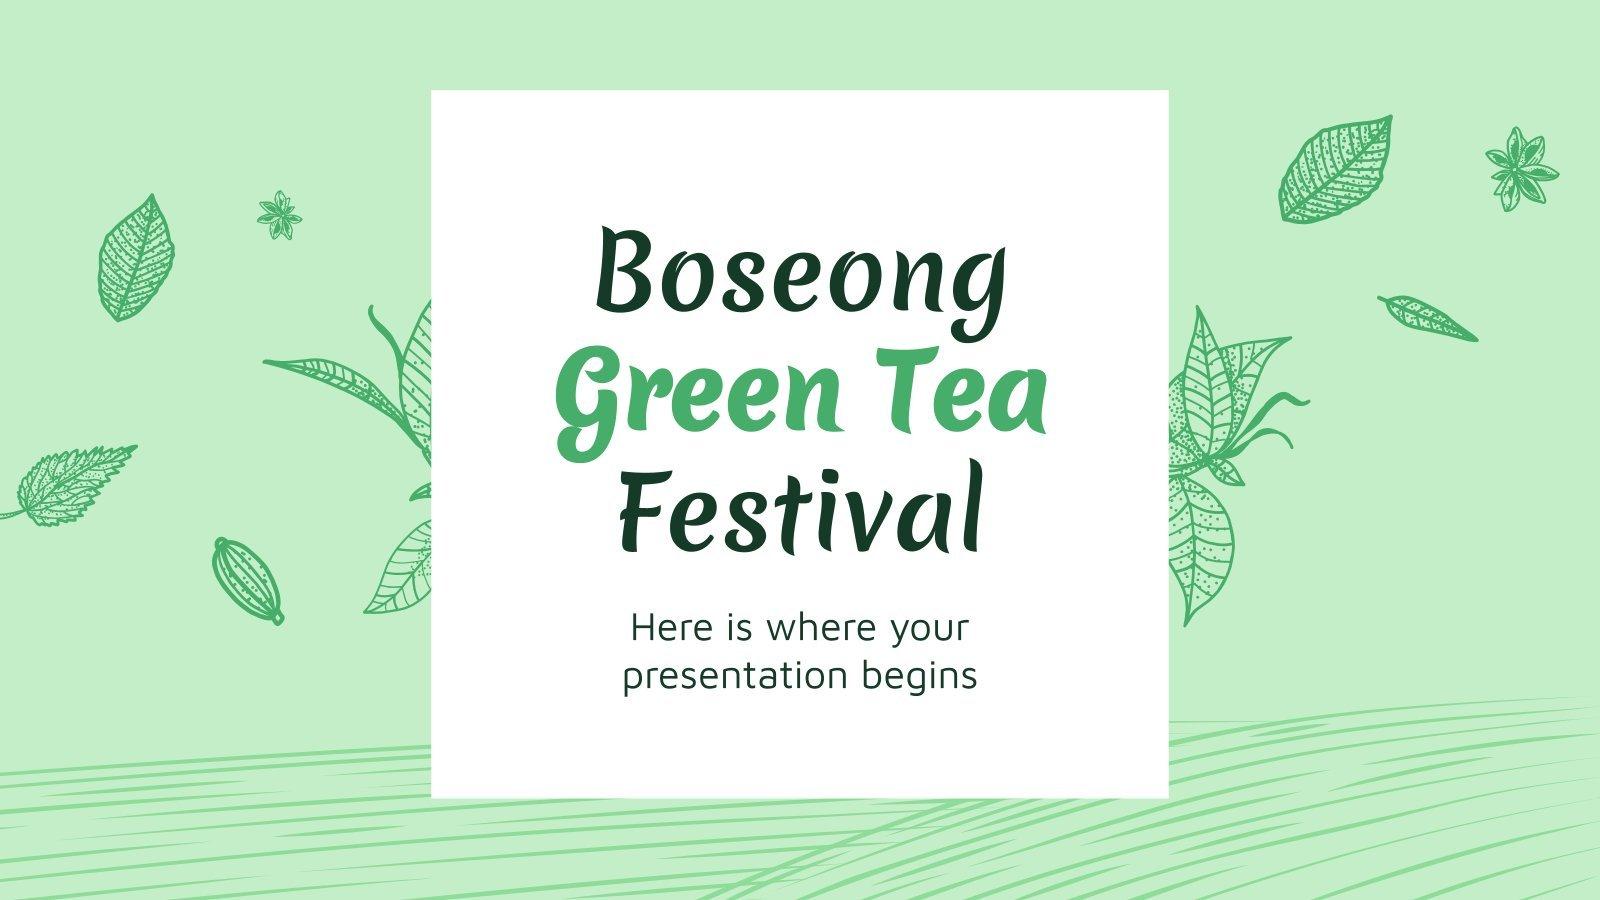 Modelo de apresentação Festival do Chá Verde de Boseong